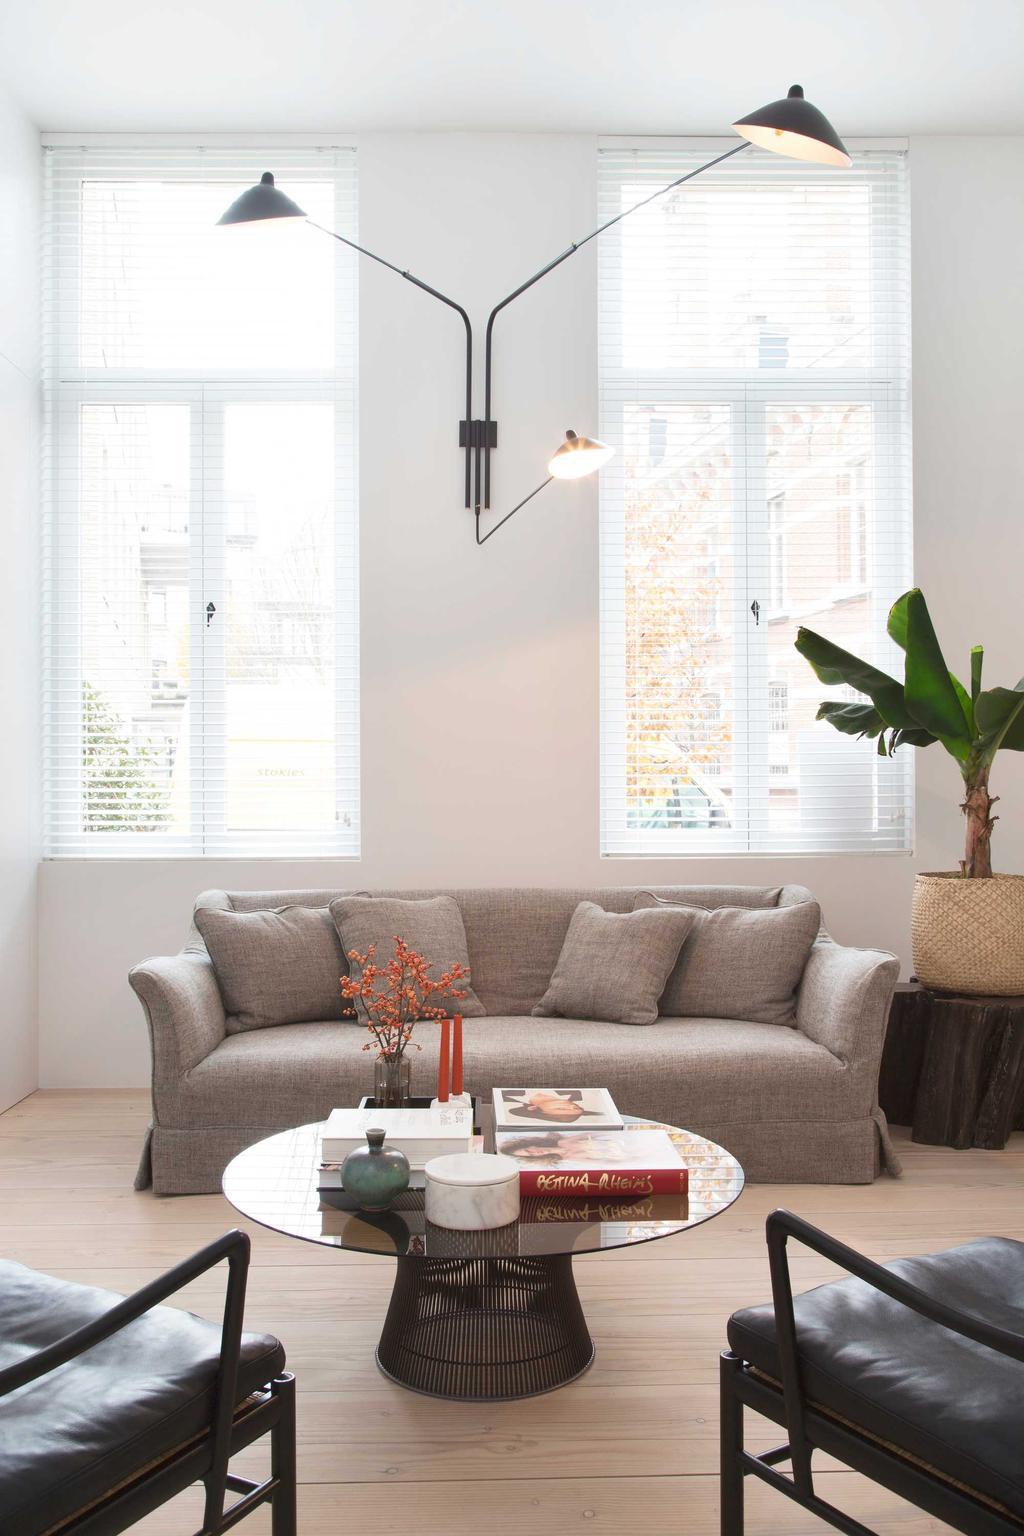 bk bruine zetel in woonruimte en tafel